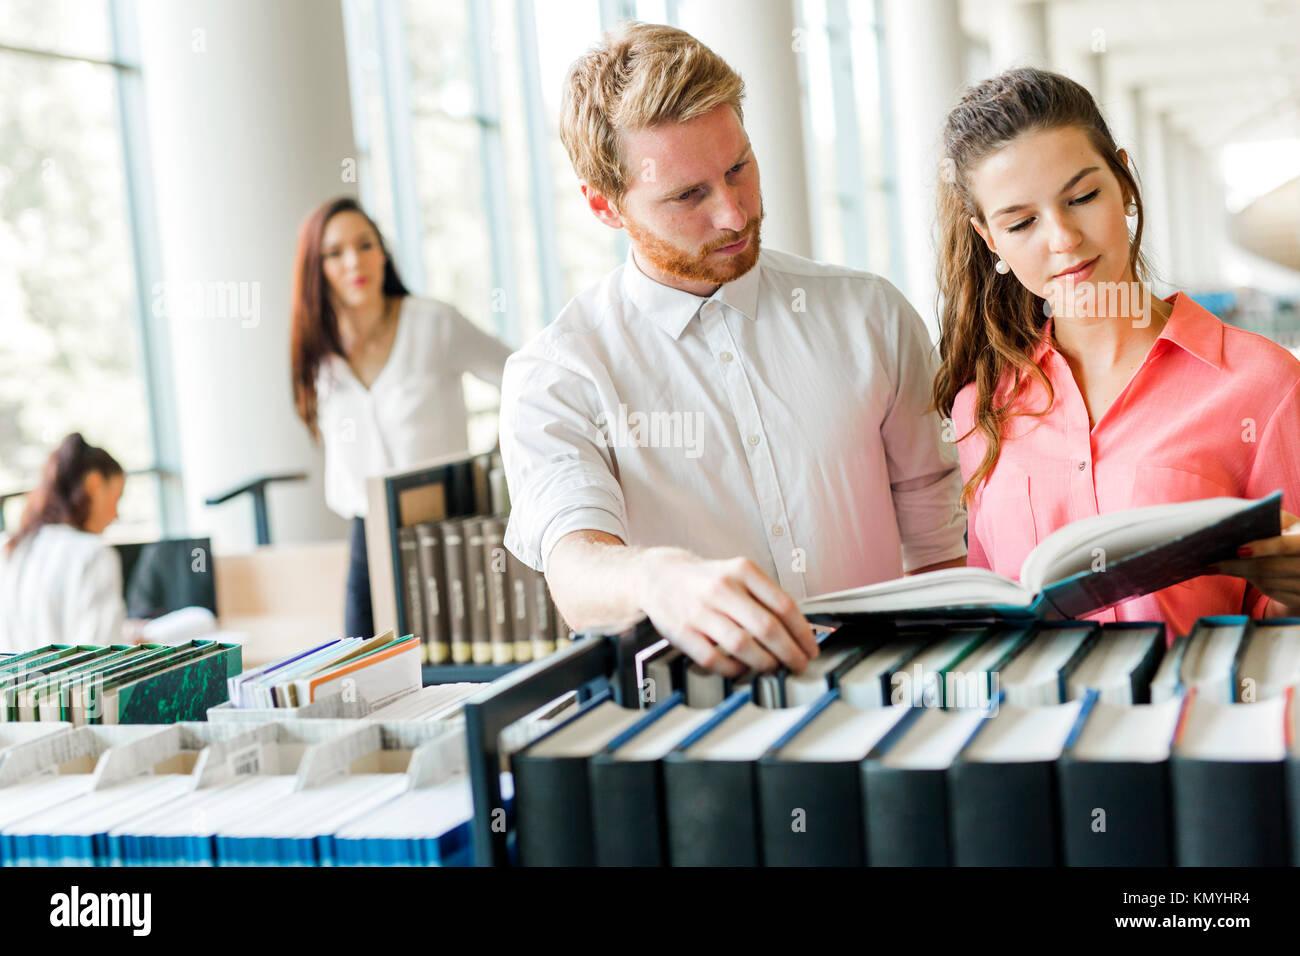 Deux étudiants à lire et étudier dans la bibliothèque Photo Stock